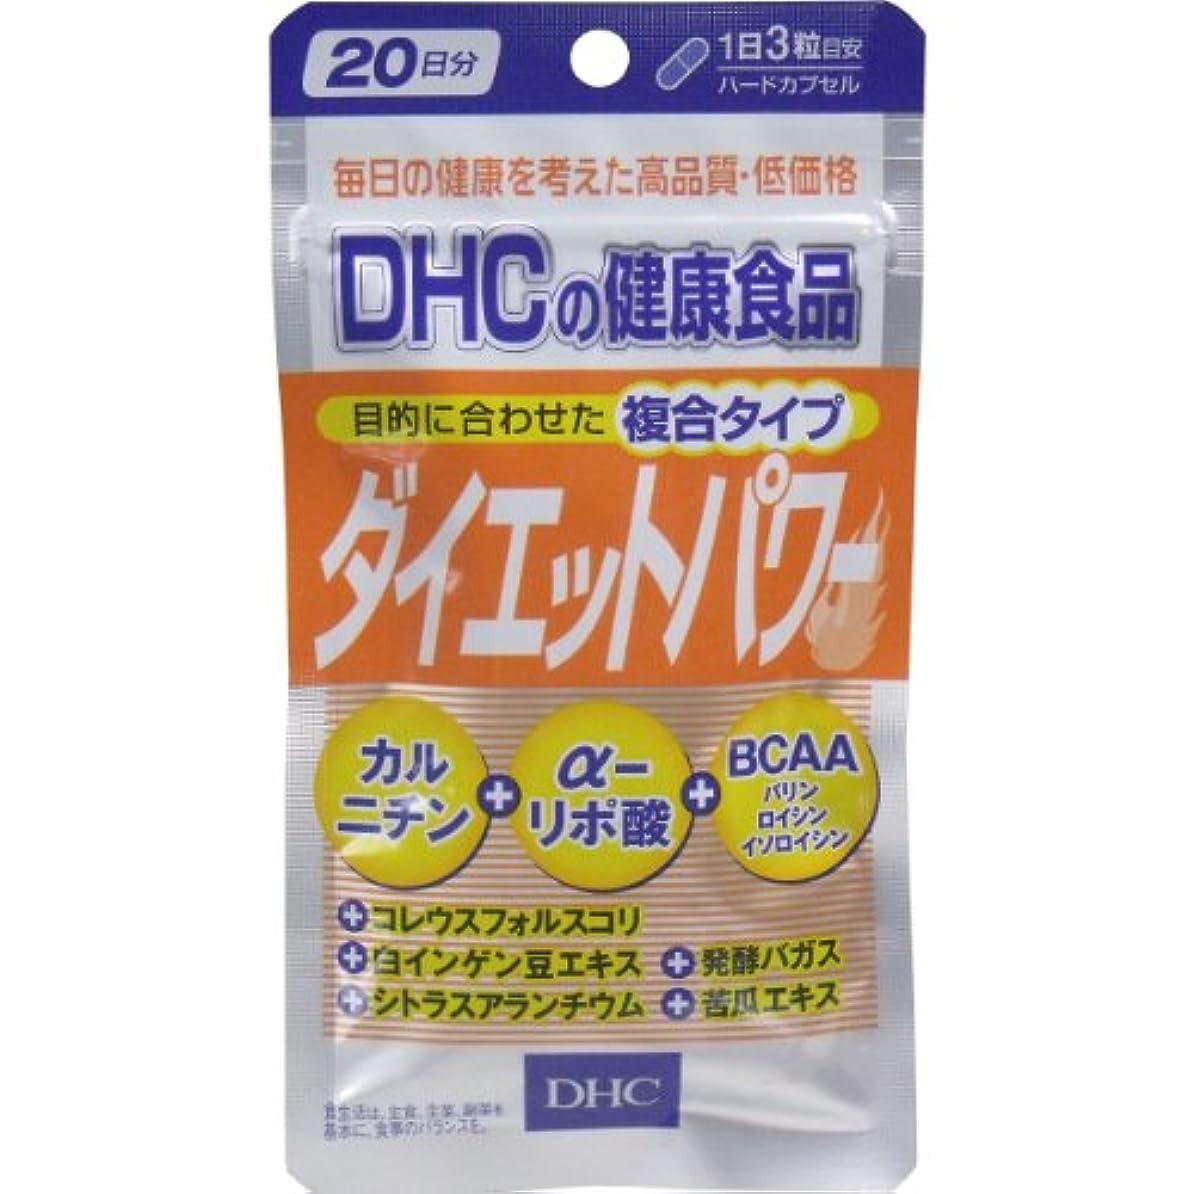 広範囲にまぶしさ助言DHC ダイエットパワー 60粒入 20日分